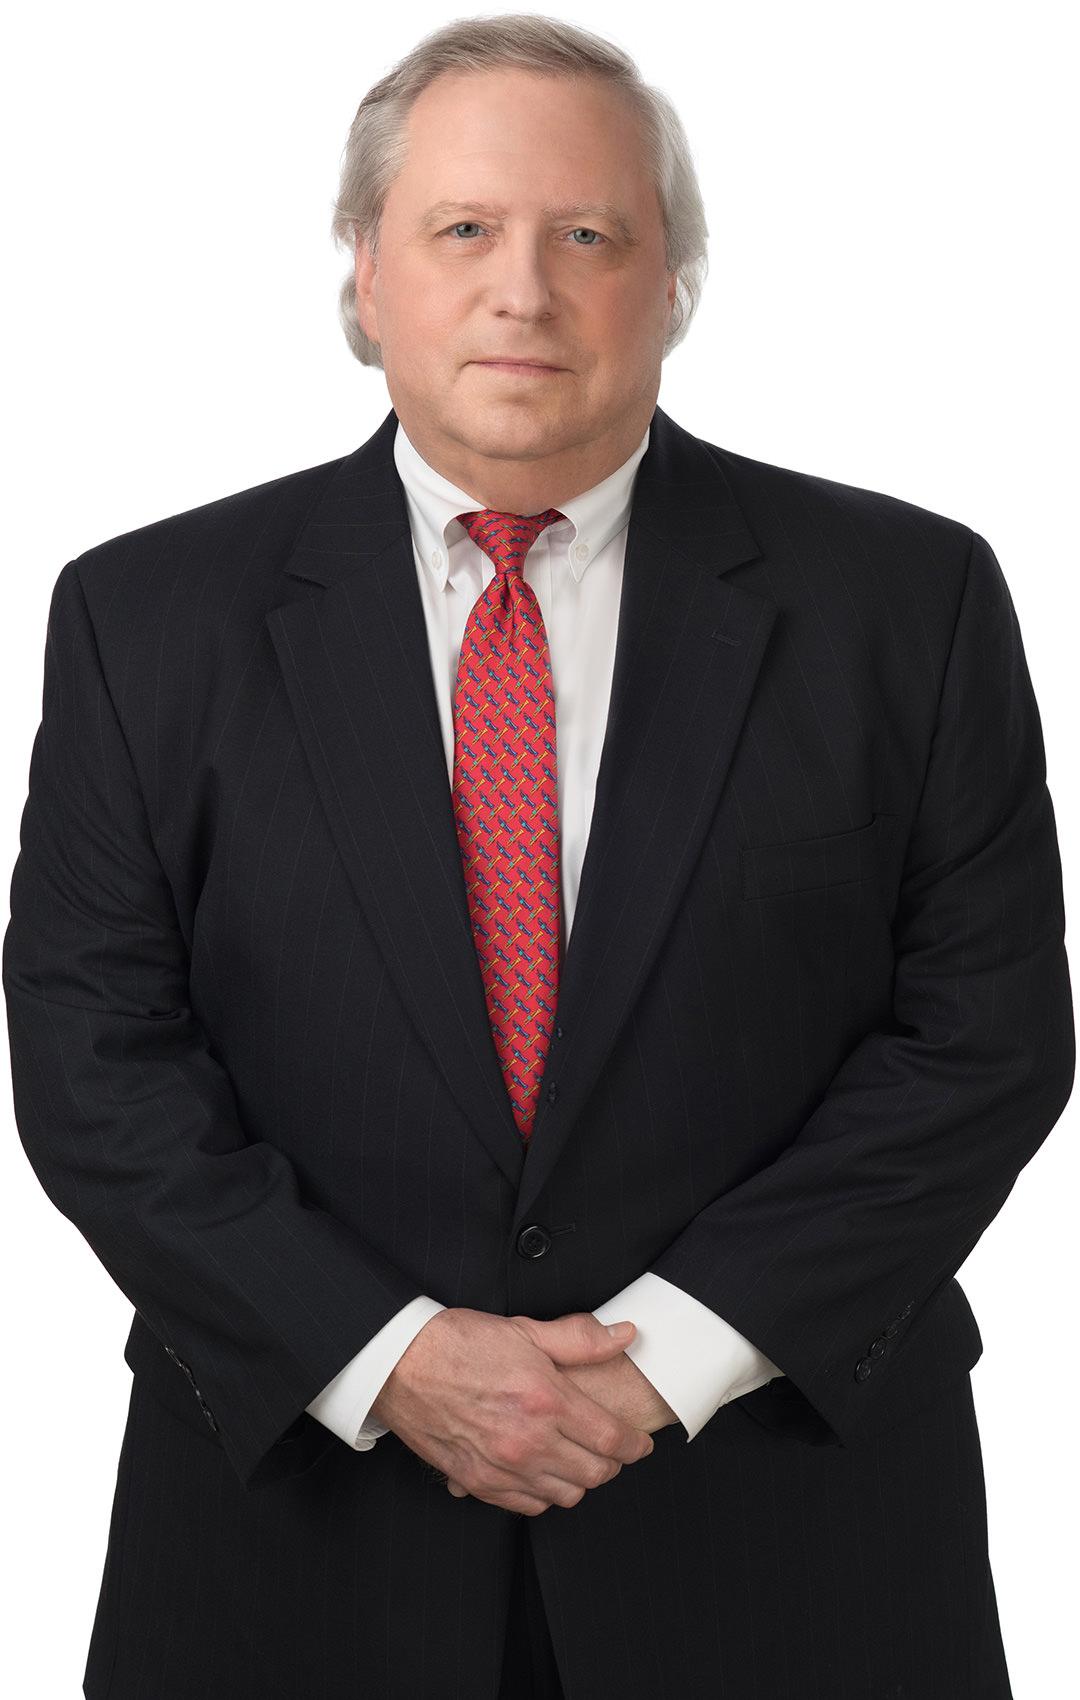 Paul J. Cox